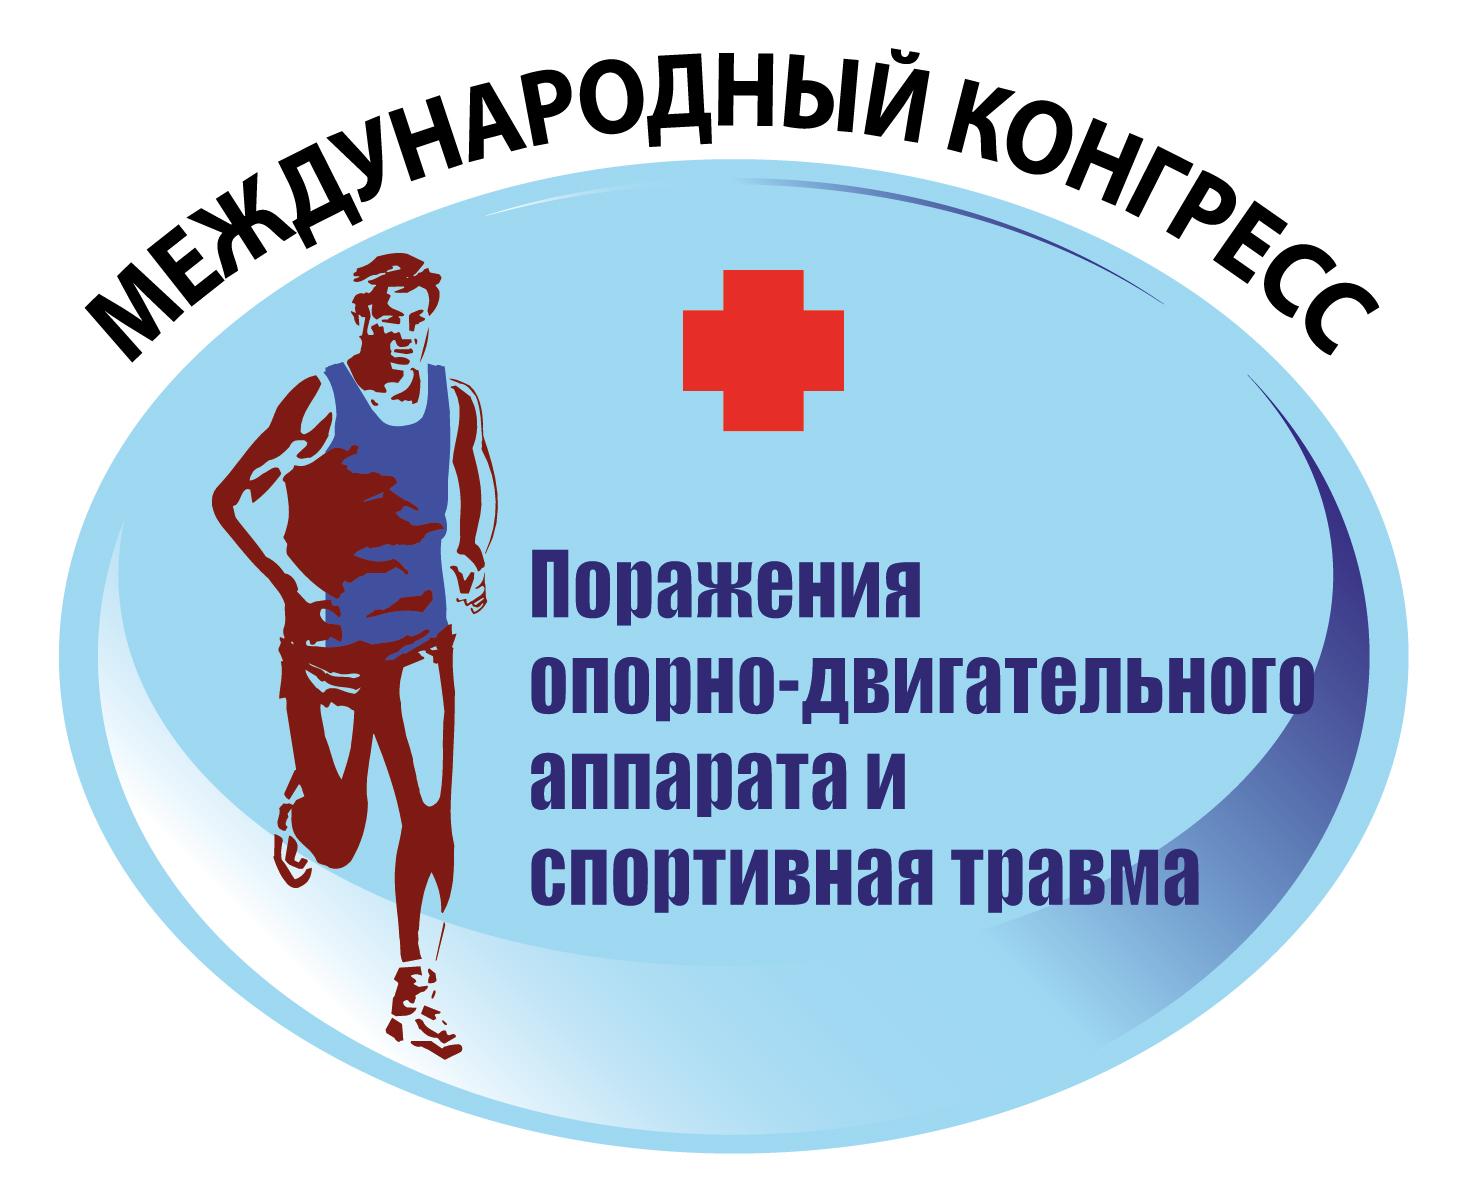 В.П. Лукин и П.А. Рожков в г. Москве в здании Мэрии приняли участие в работе Международного конгресса «Поражения опорно-двигательного аппарата и спортивная травма: лечение и реабилитация»